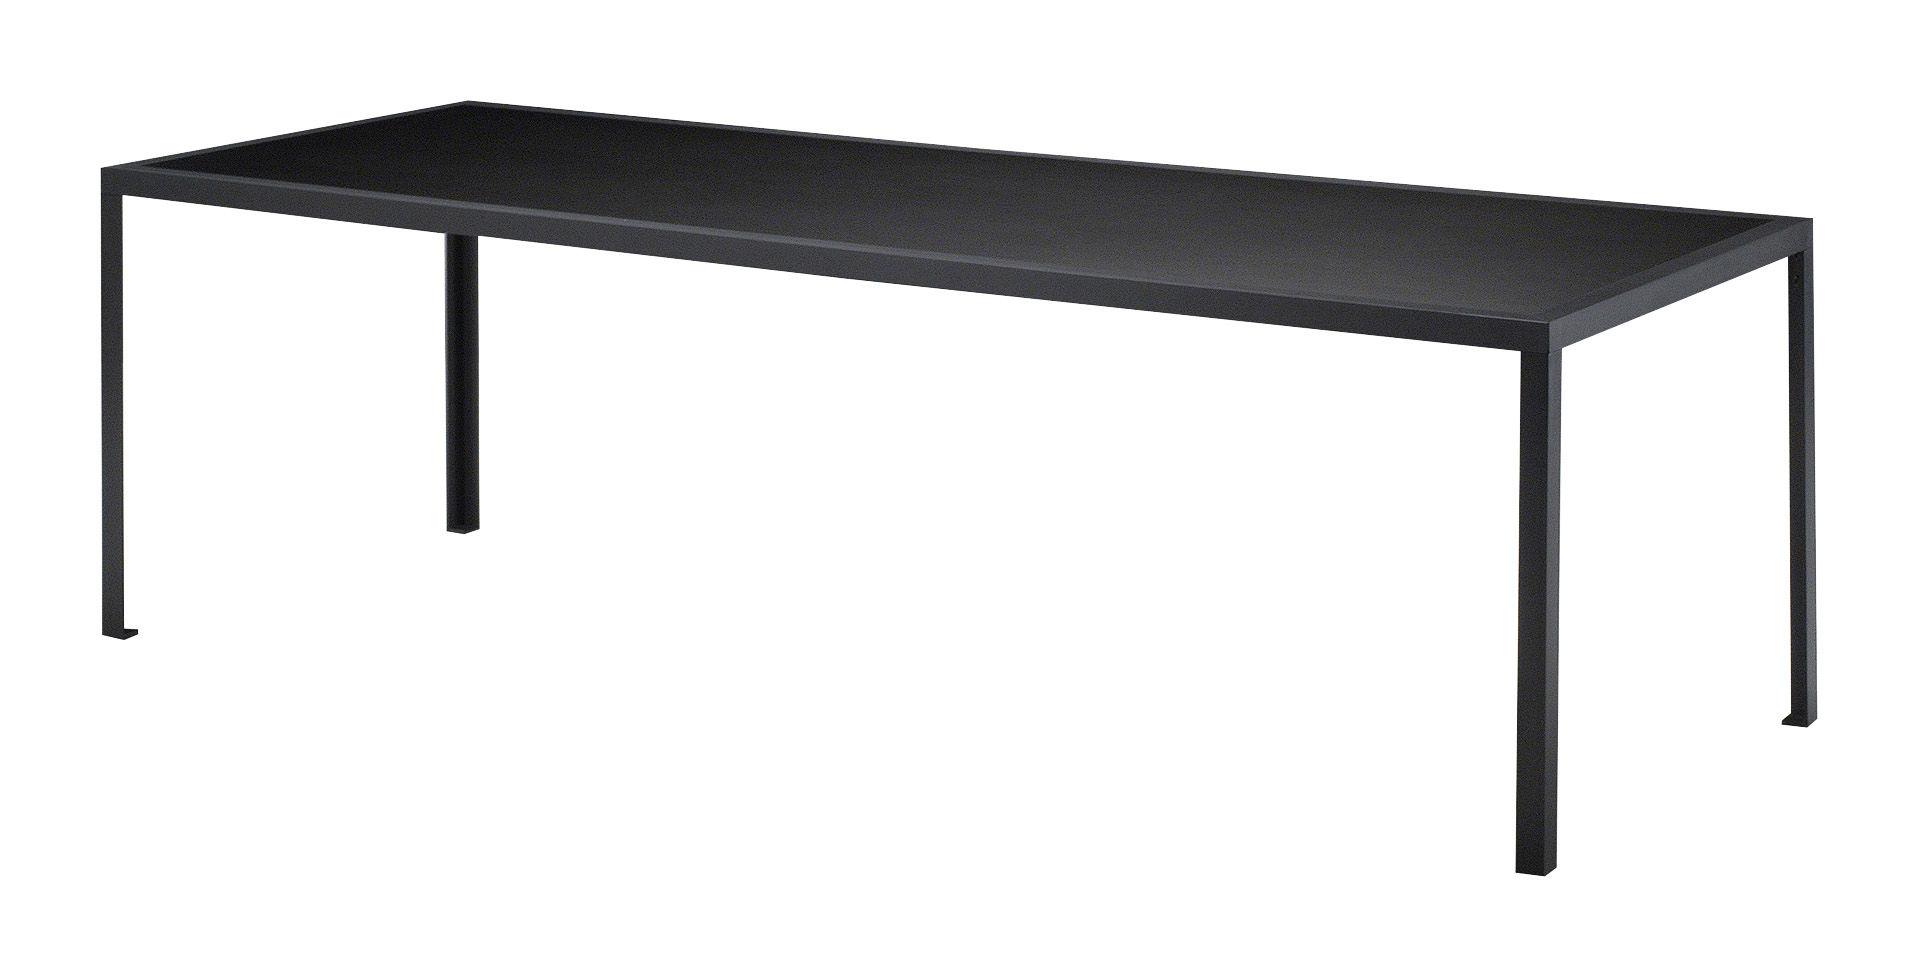 Mobilier - Tables - Table rectangulaire Tavolo / 200 x 90 cm - Plateau linoleum - Zeus - Noir - Acier peint, Linoléum